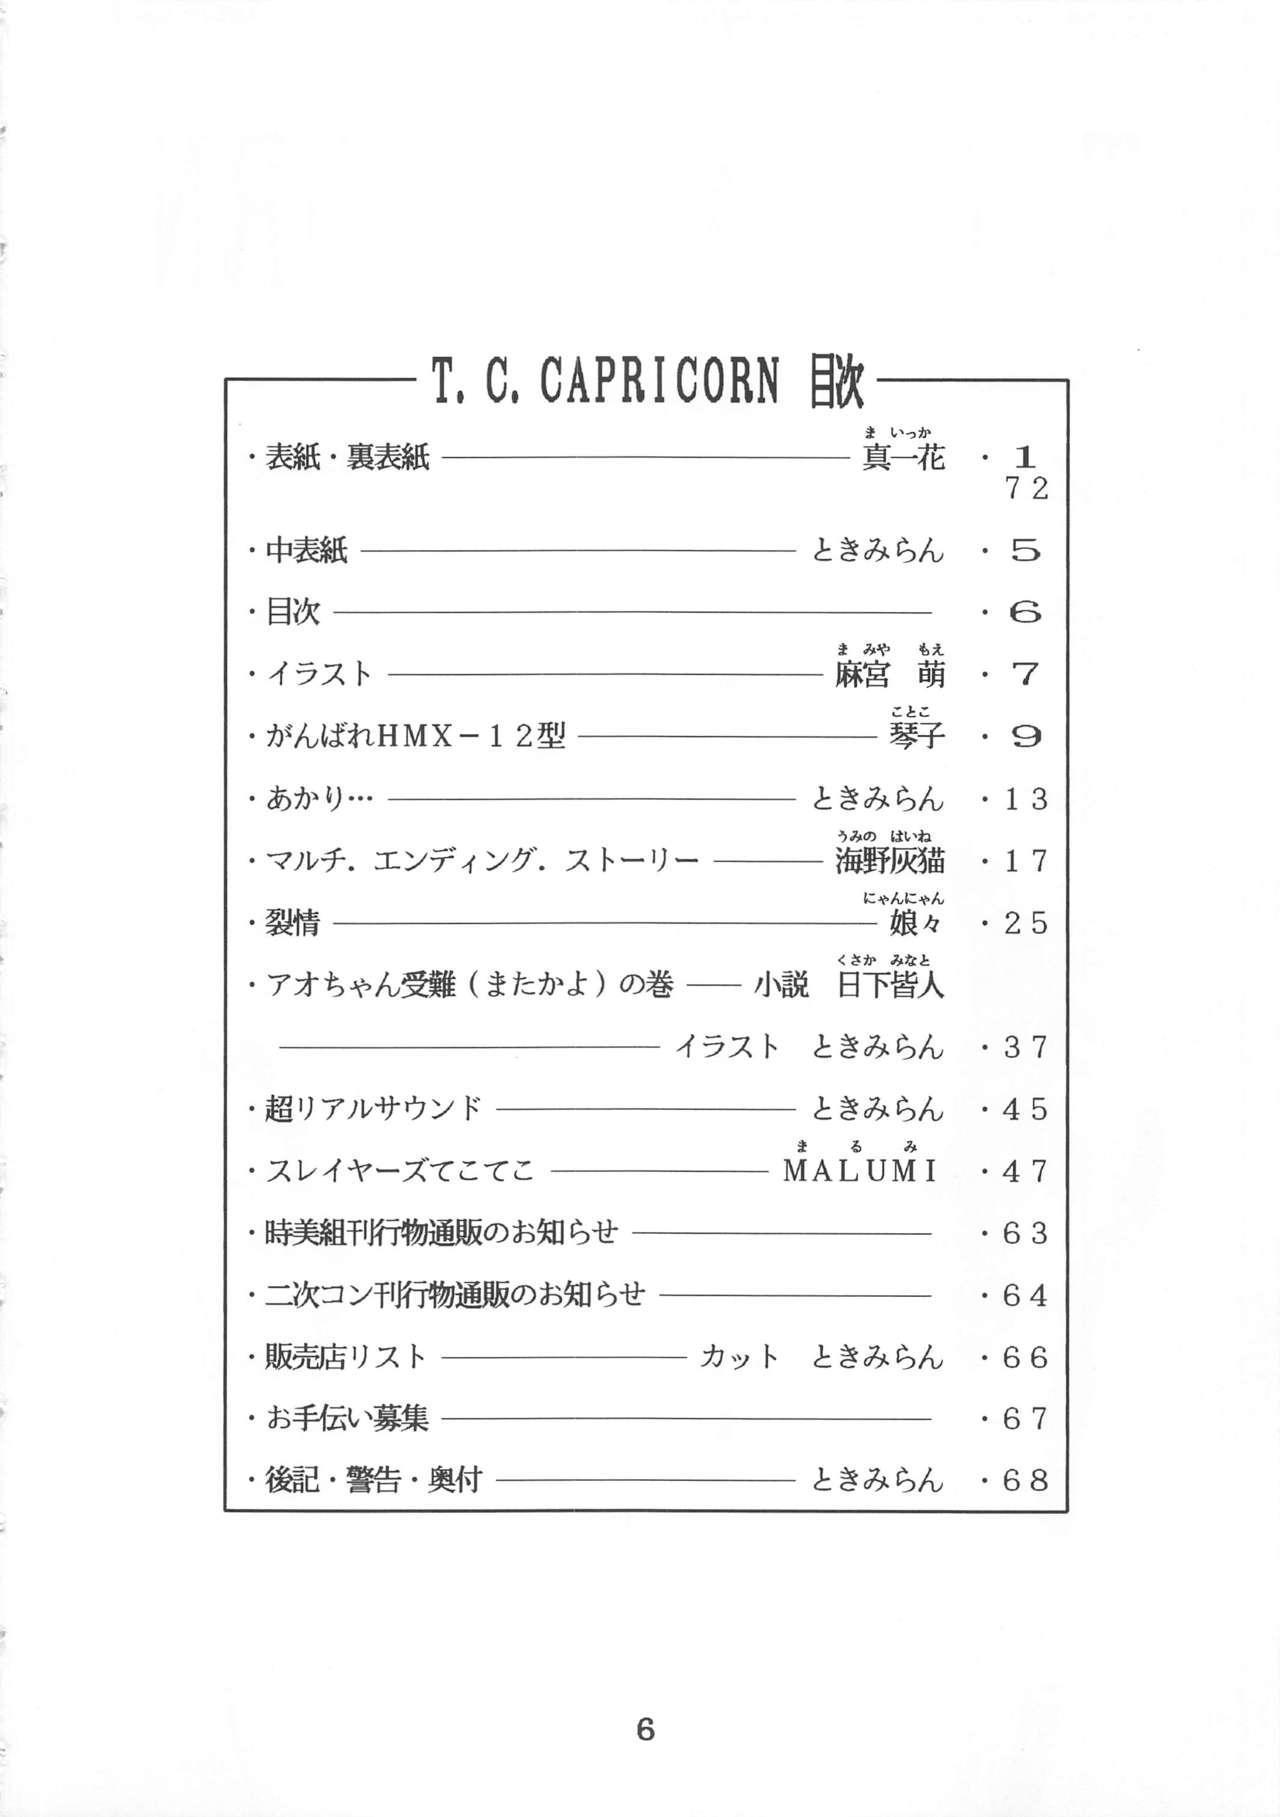 T.C.CAPRICORN 3